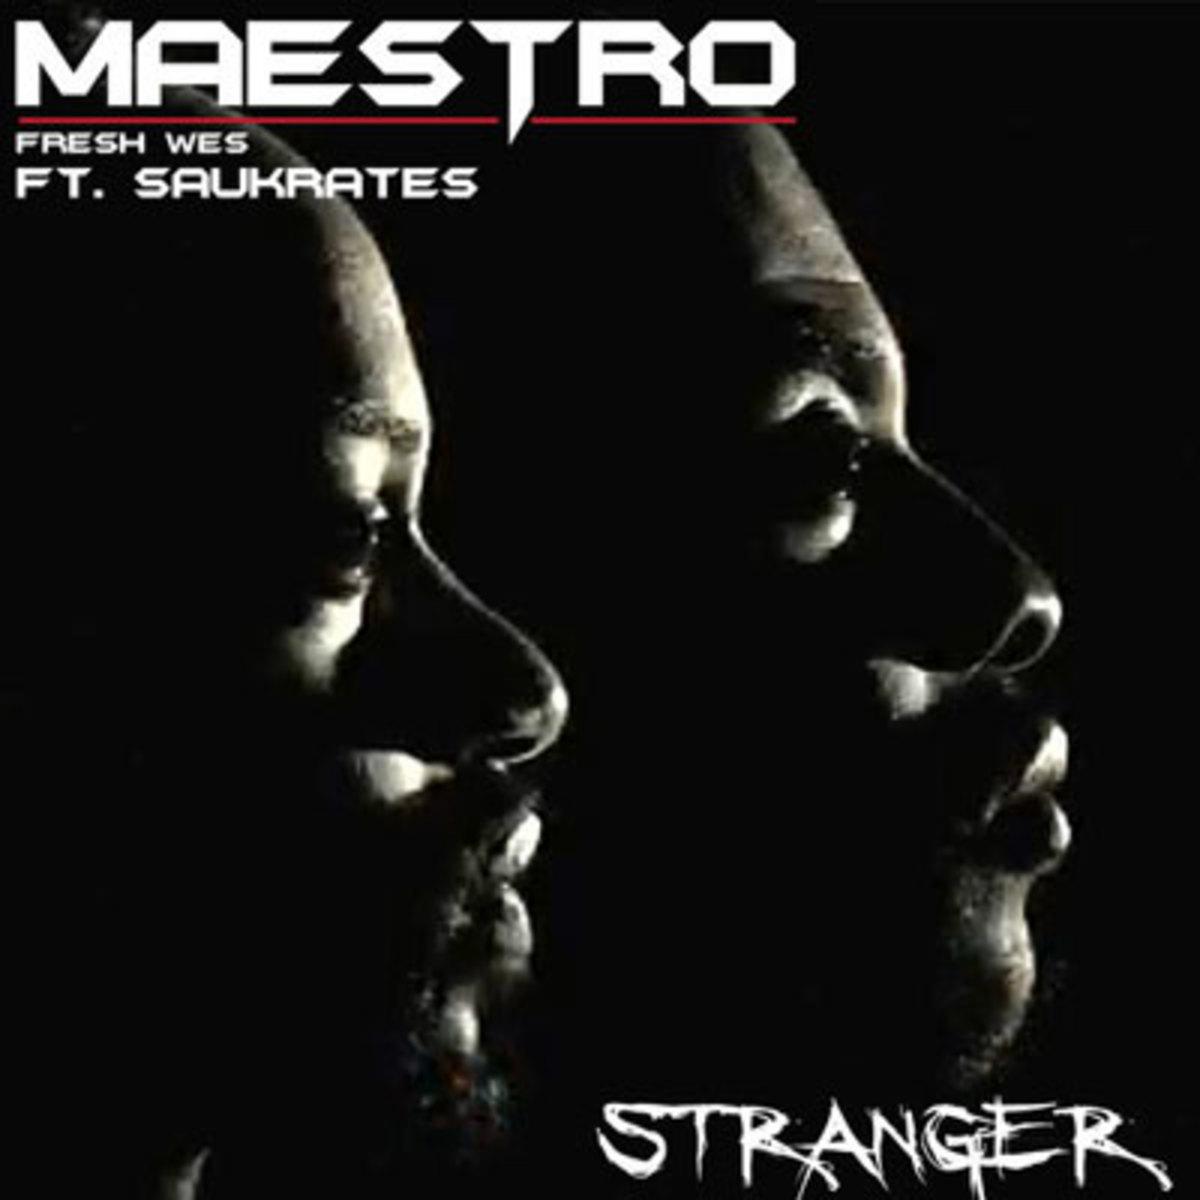 maestro-stranger.jpg